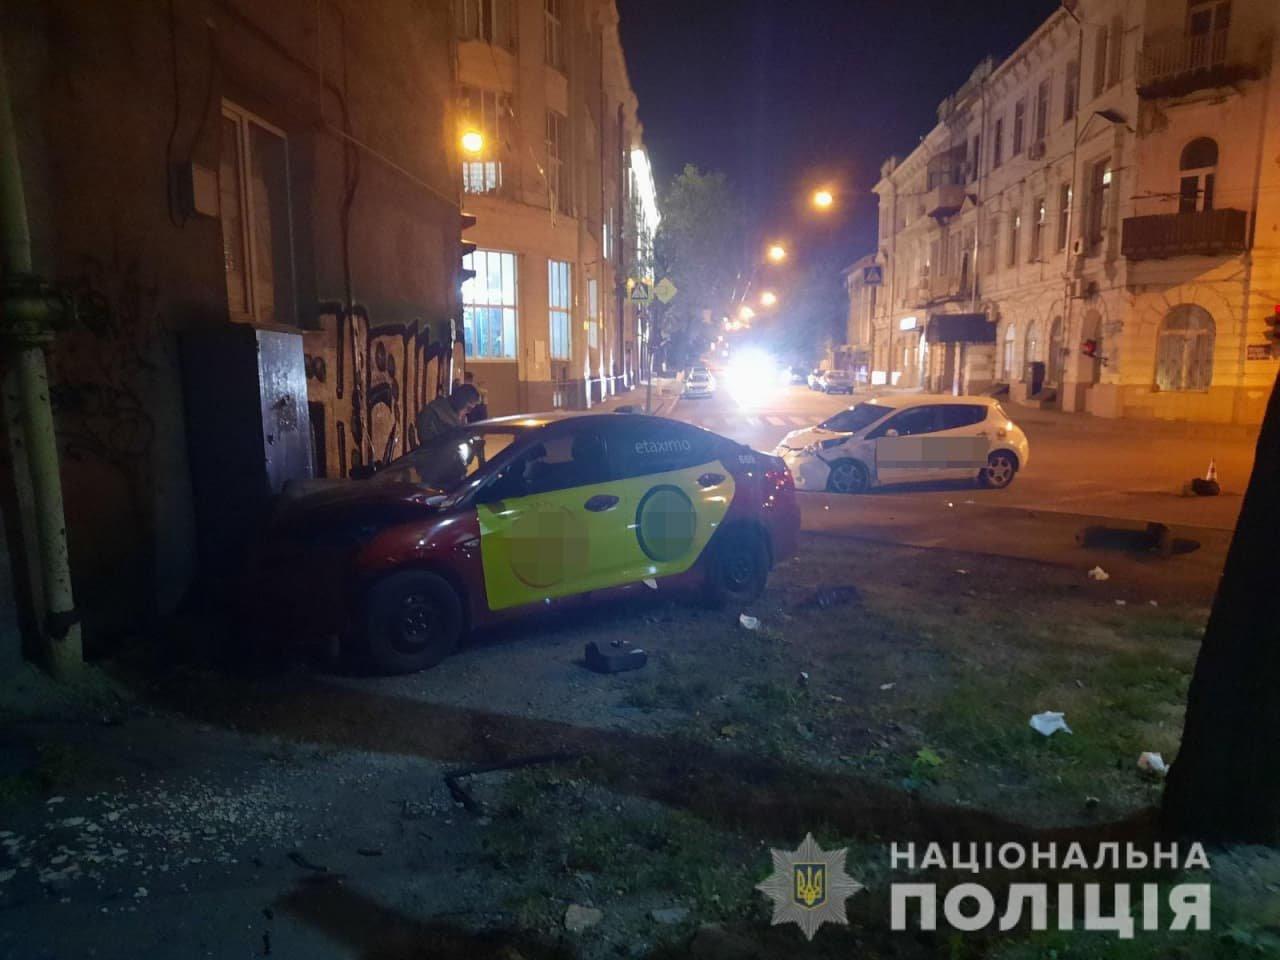 На перекрестке в Харькове столкнулись два такси: одна из машин въехала в дом, пострадали женщина и 3-летний ребенок, - ФОТО, фото-1